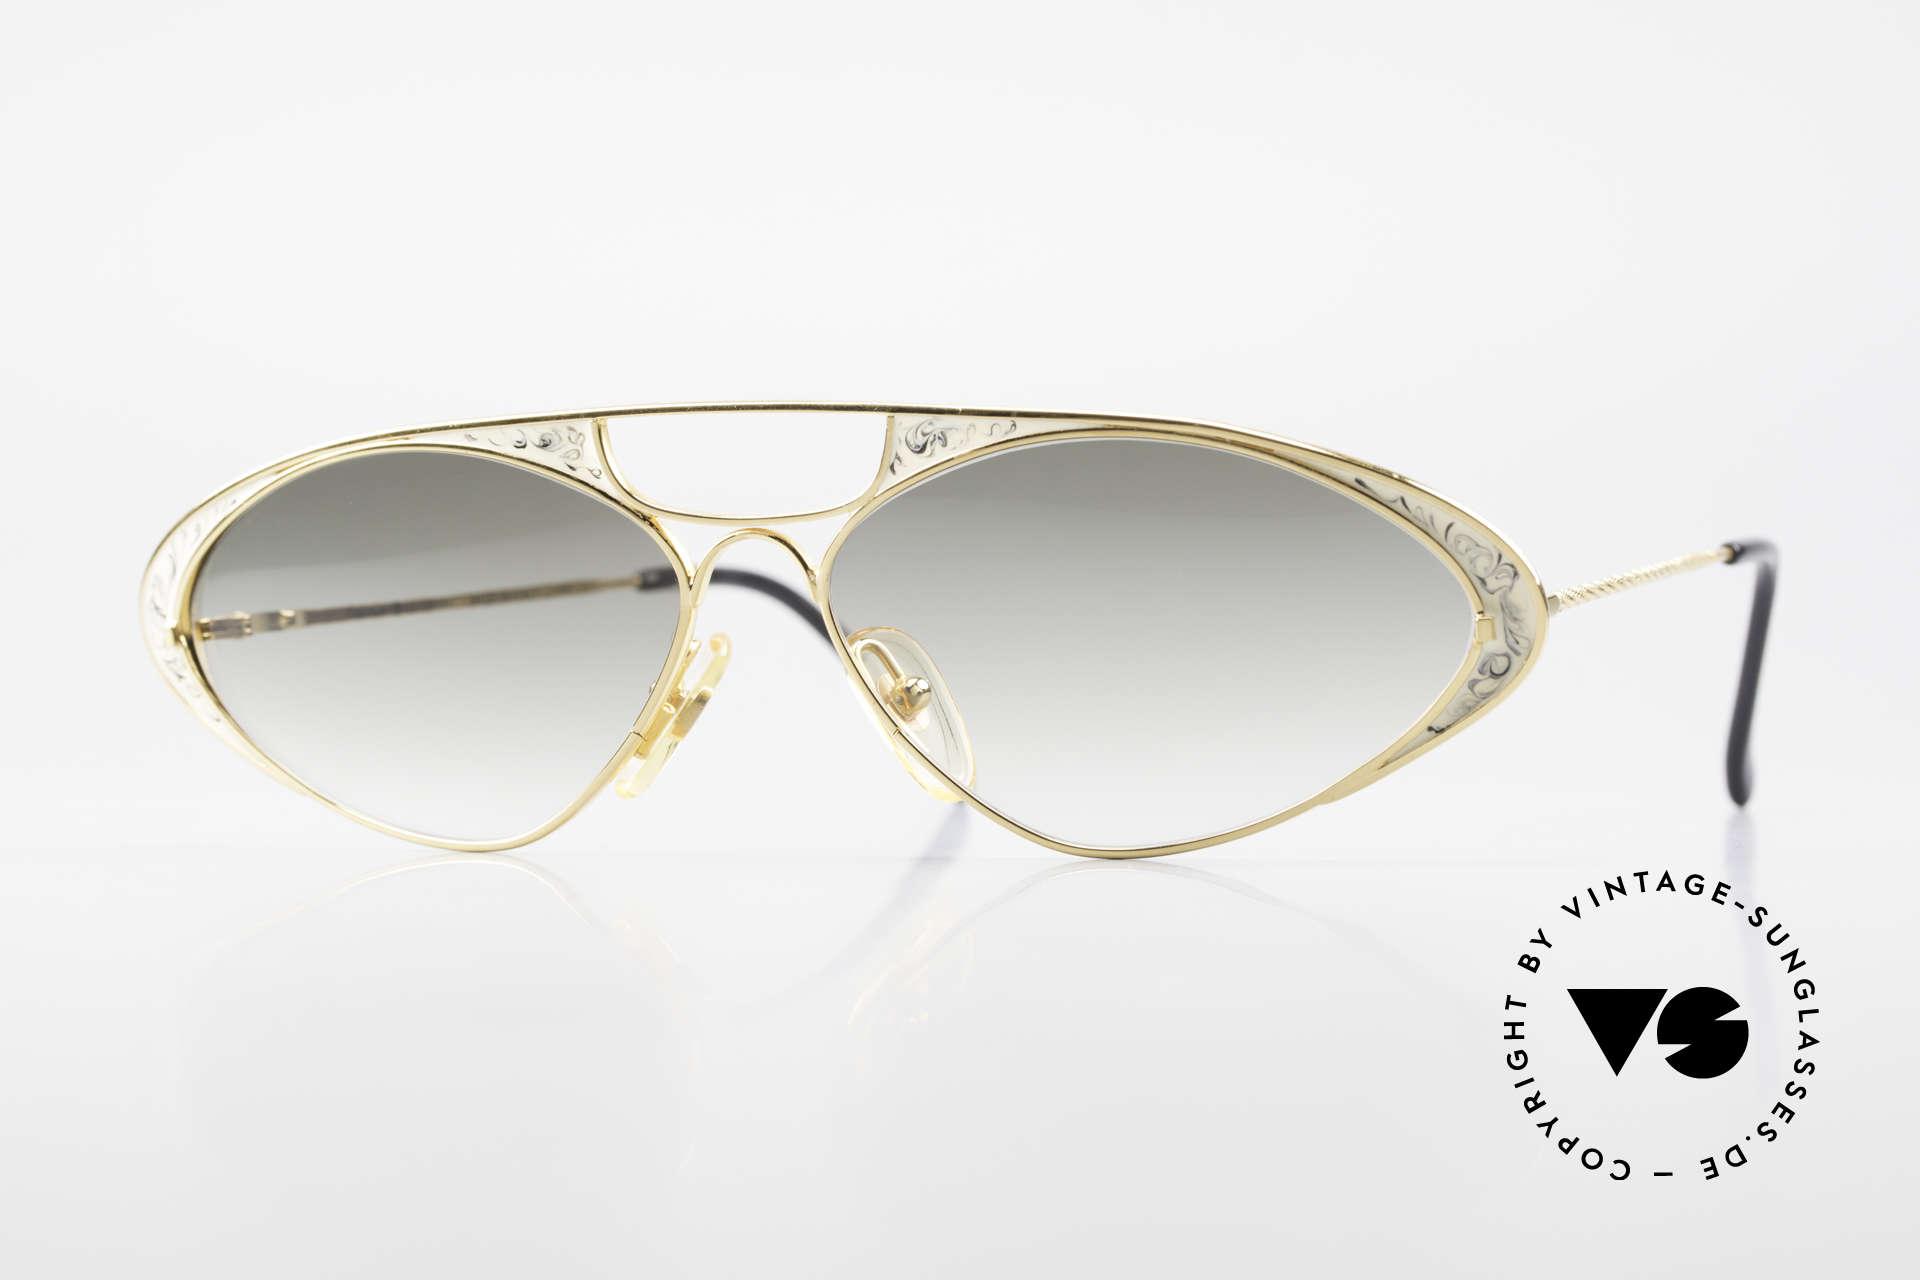 Casanova LC8 Vintage Sonnenbrille Damen, zauberhafte CASANOVA Designerbrille von circa 1985, Passend für Damen